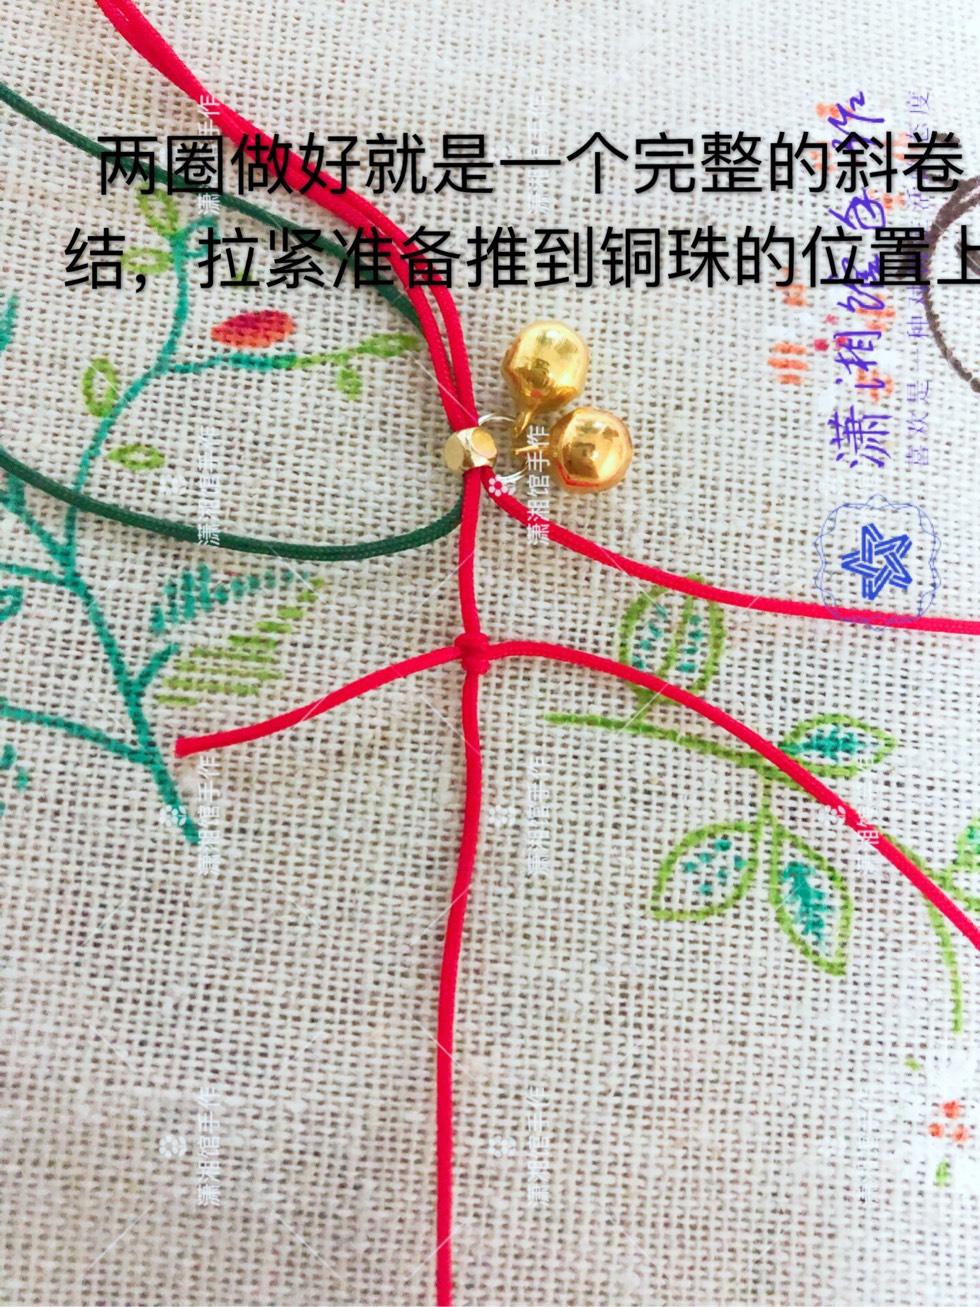 中国结论坛 圣诞节蝴蝶结手链  图文教程区 114821y864x0cq4nqvq9uz